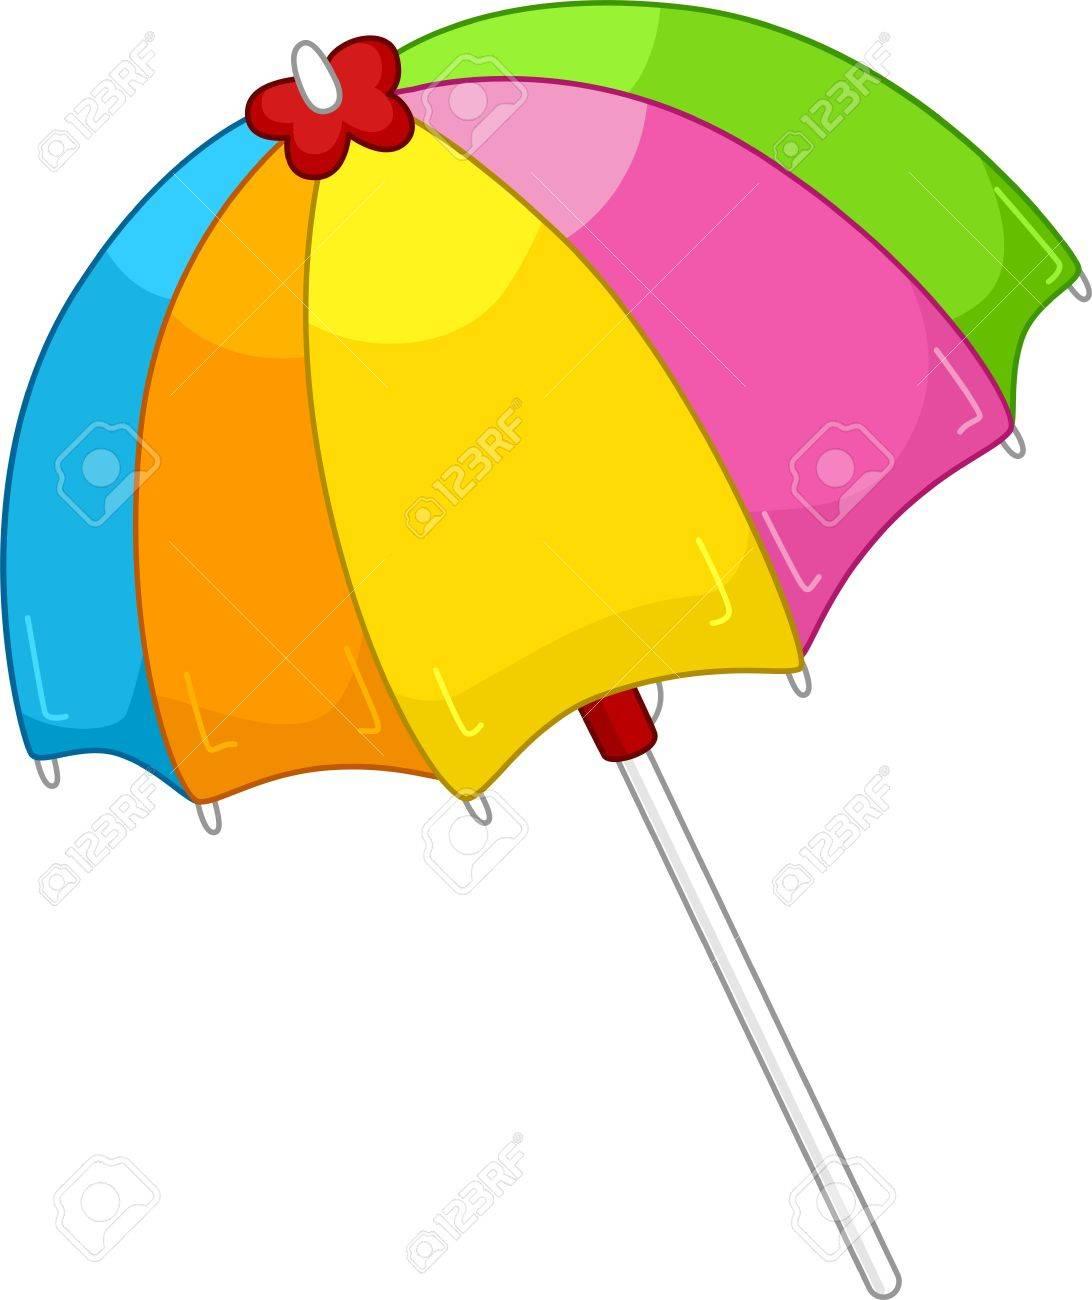 Ilustración De Un Parasol De Playa Colorido Abierto Fotos